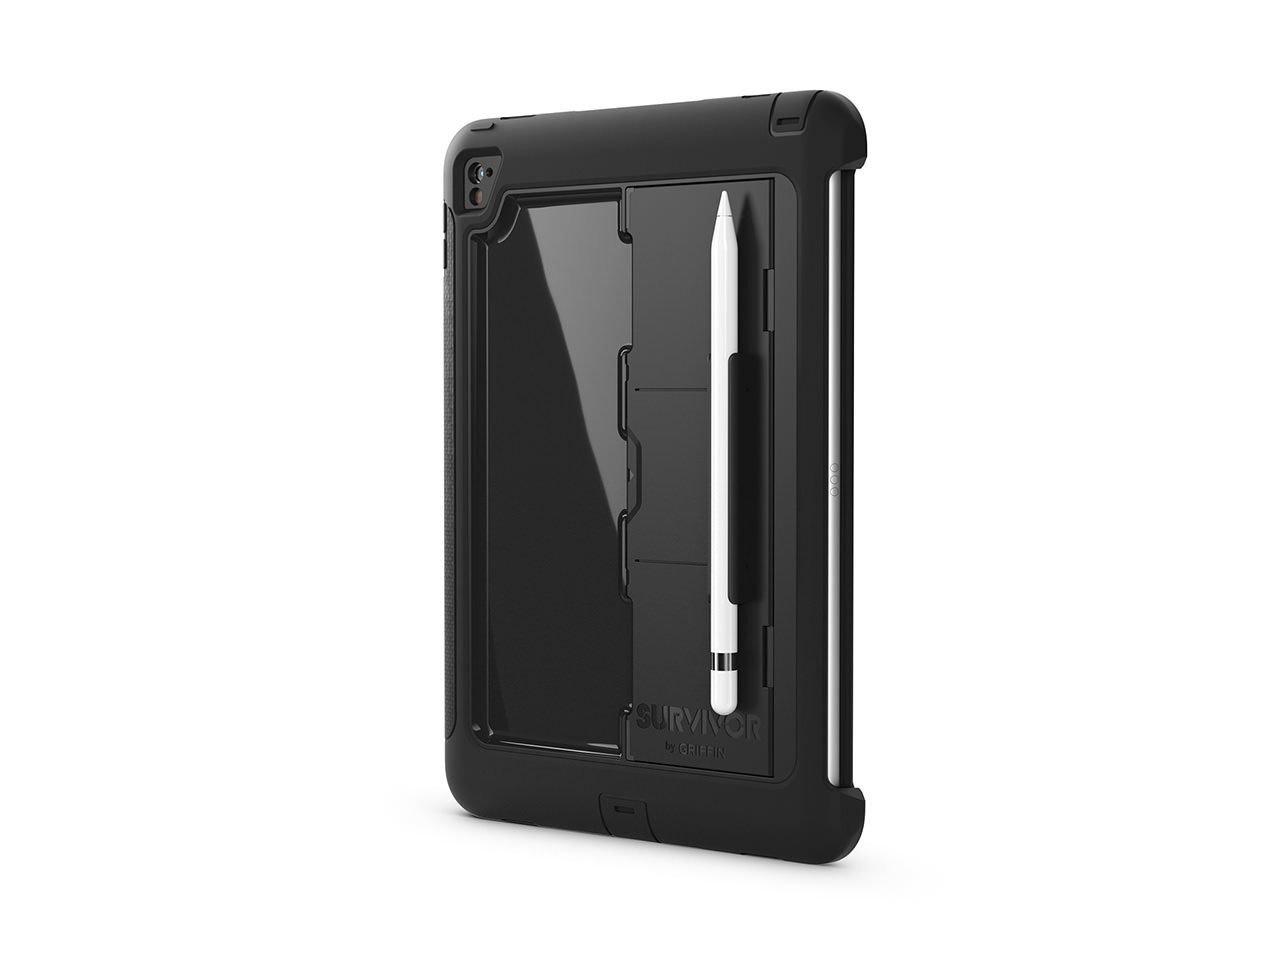 Étui Survivor Slim GB41875  iPad Pro 9.7 Noir de Griffin